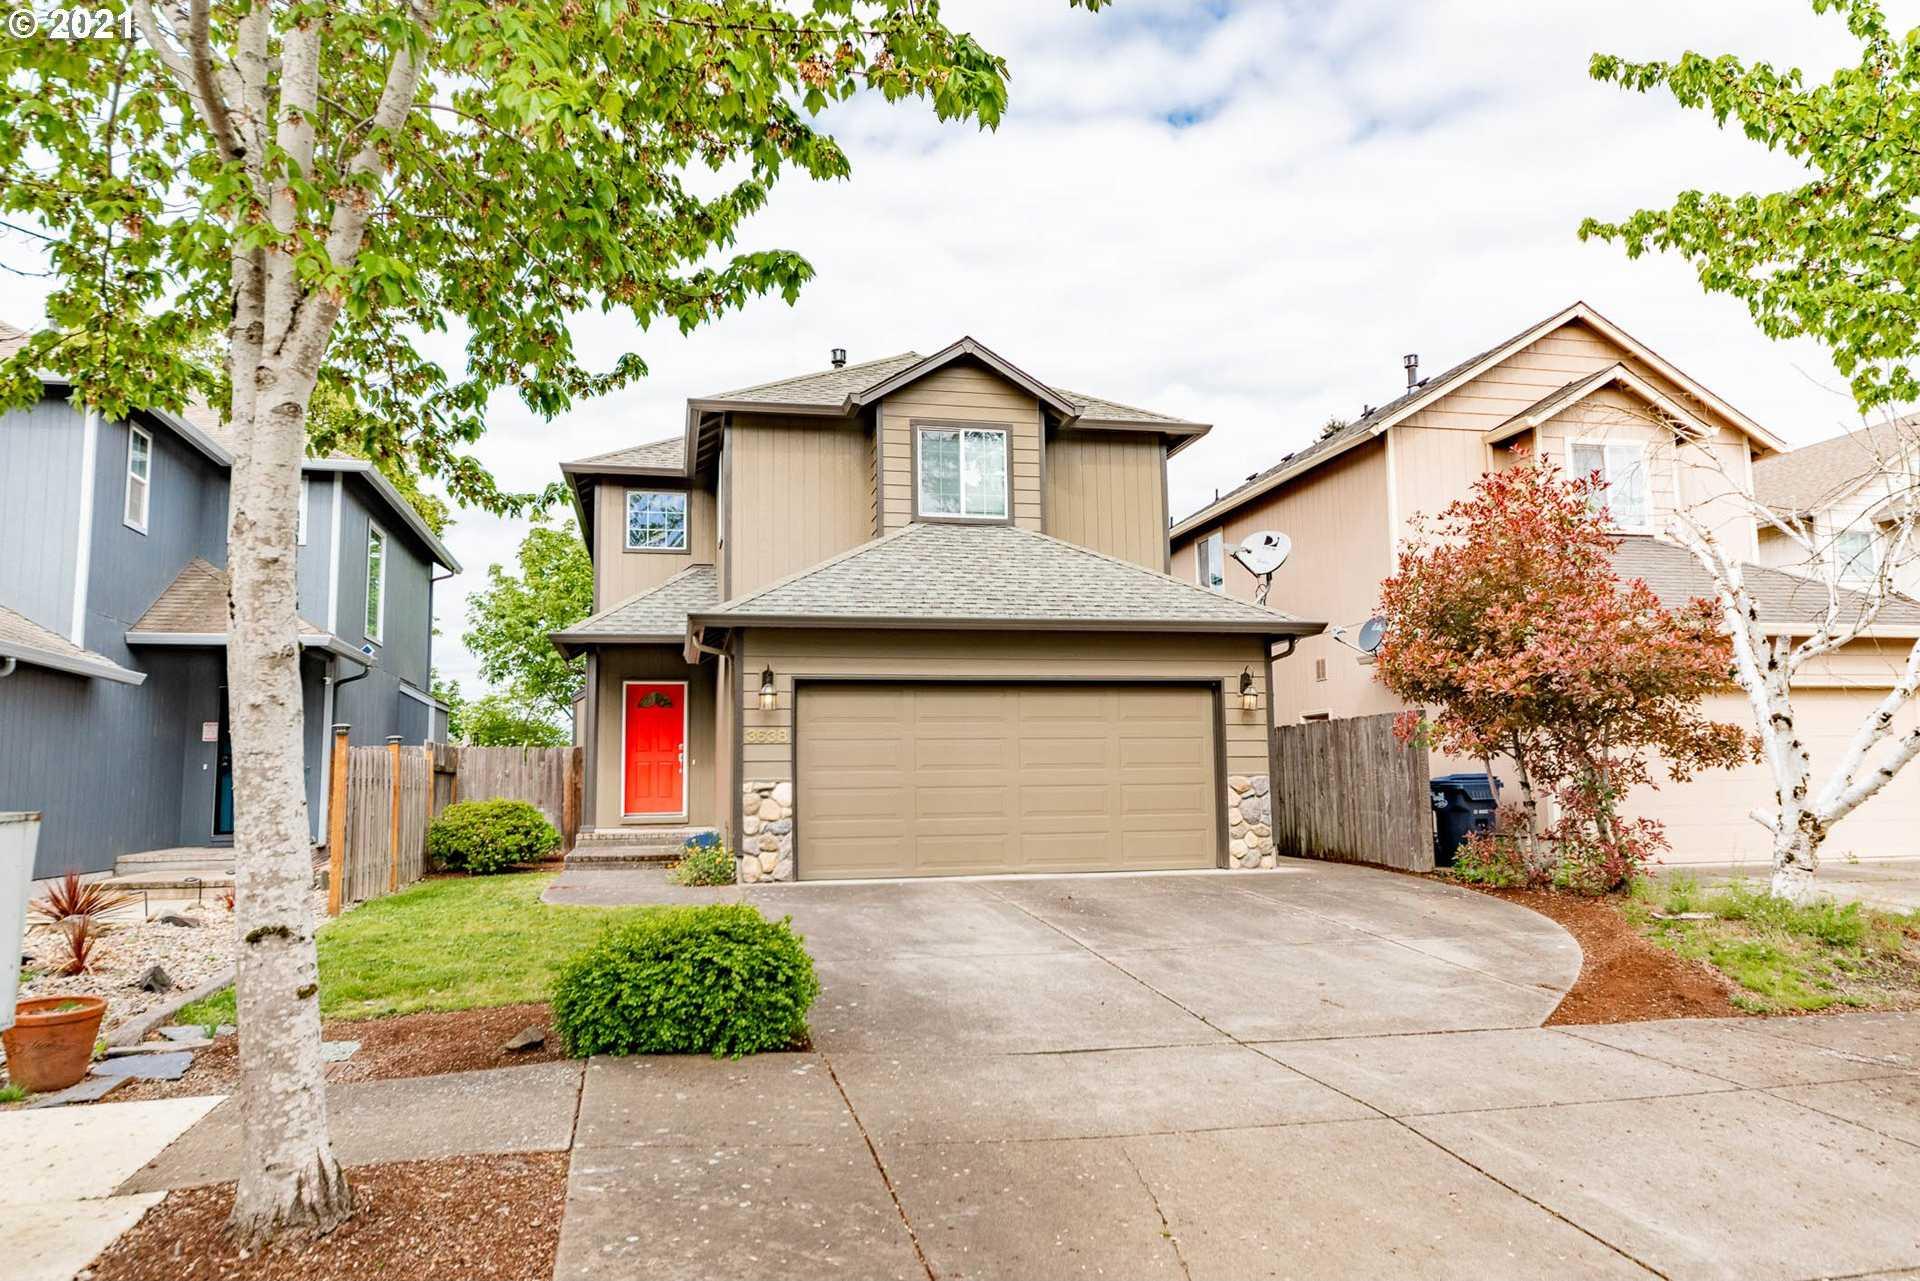 $370,000 - 3Br/3Ba -  for Sale in Eugene